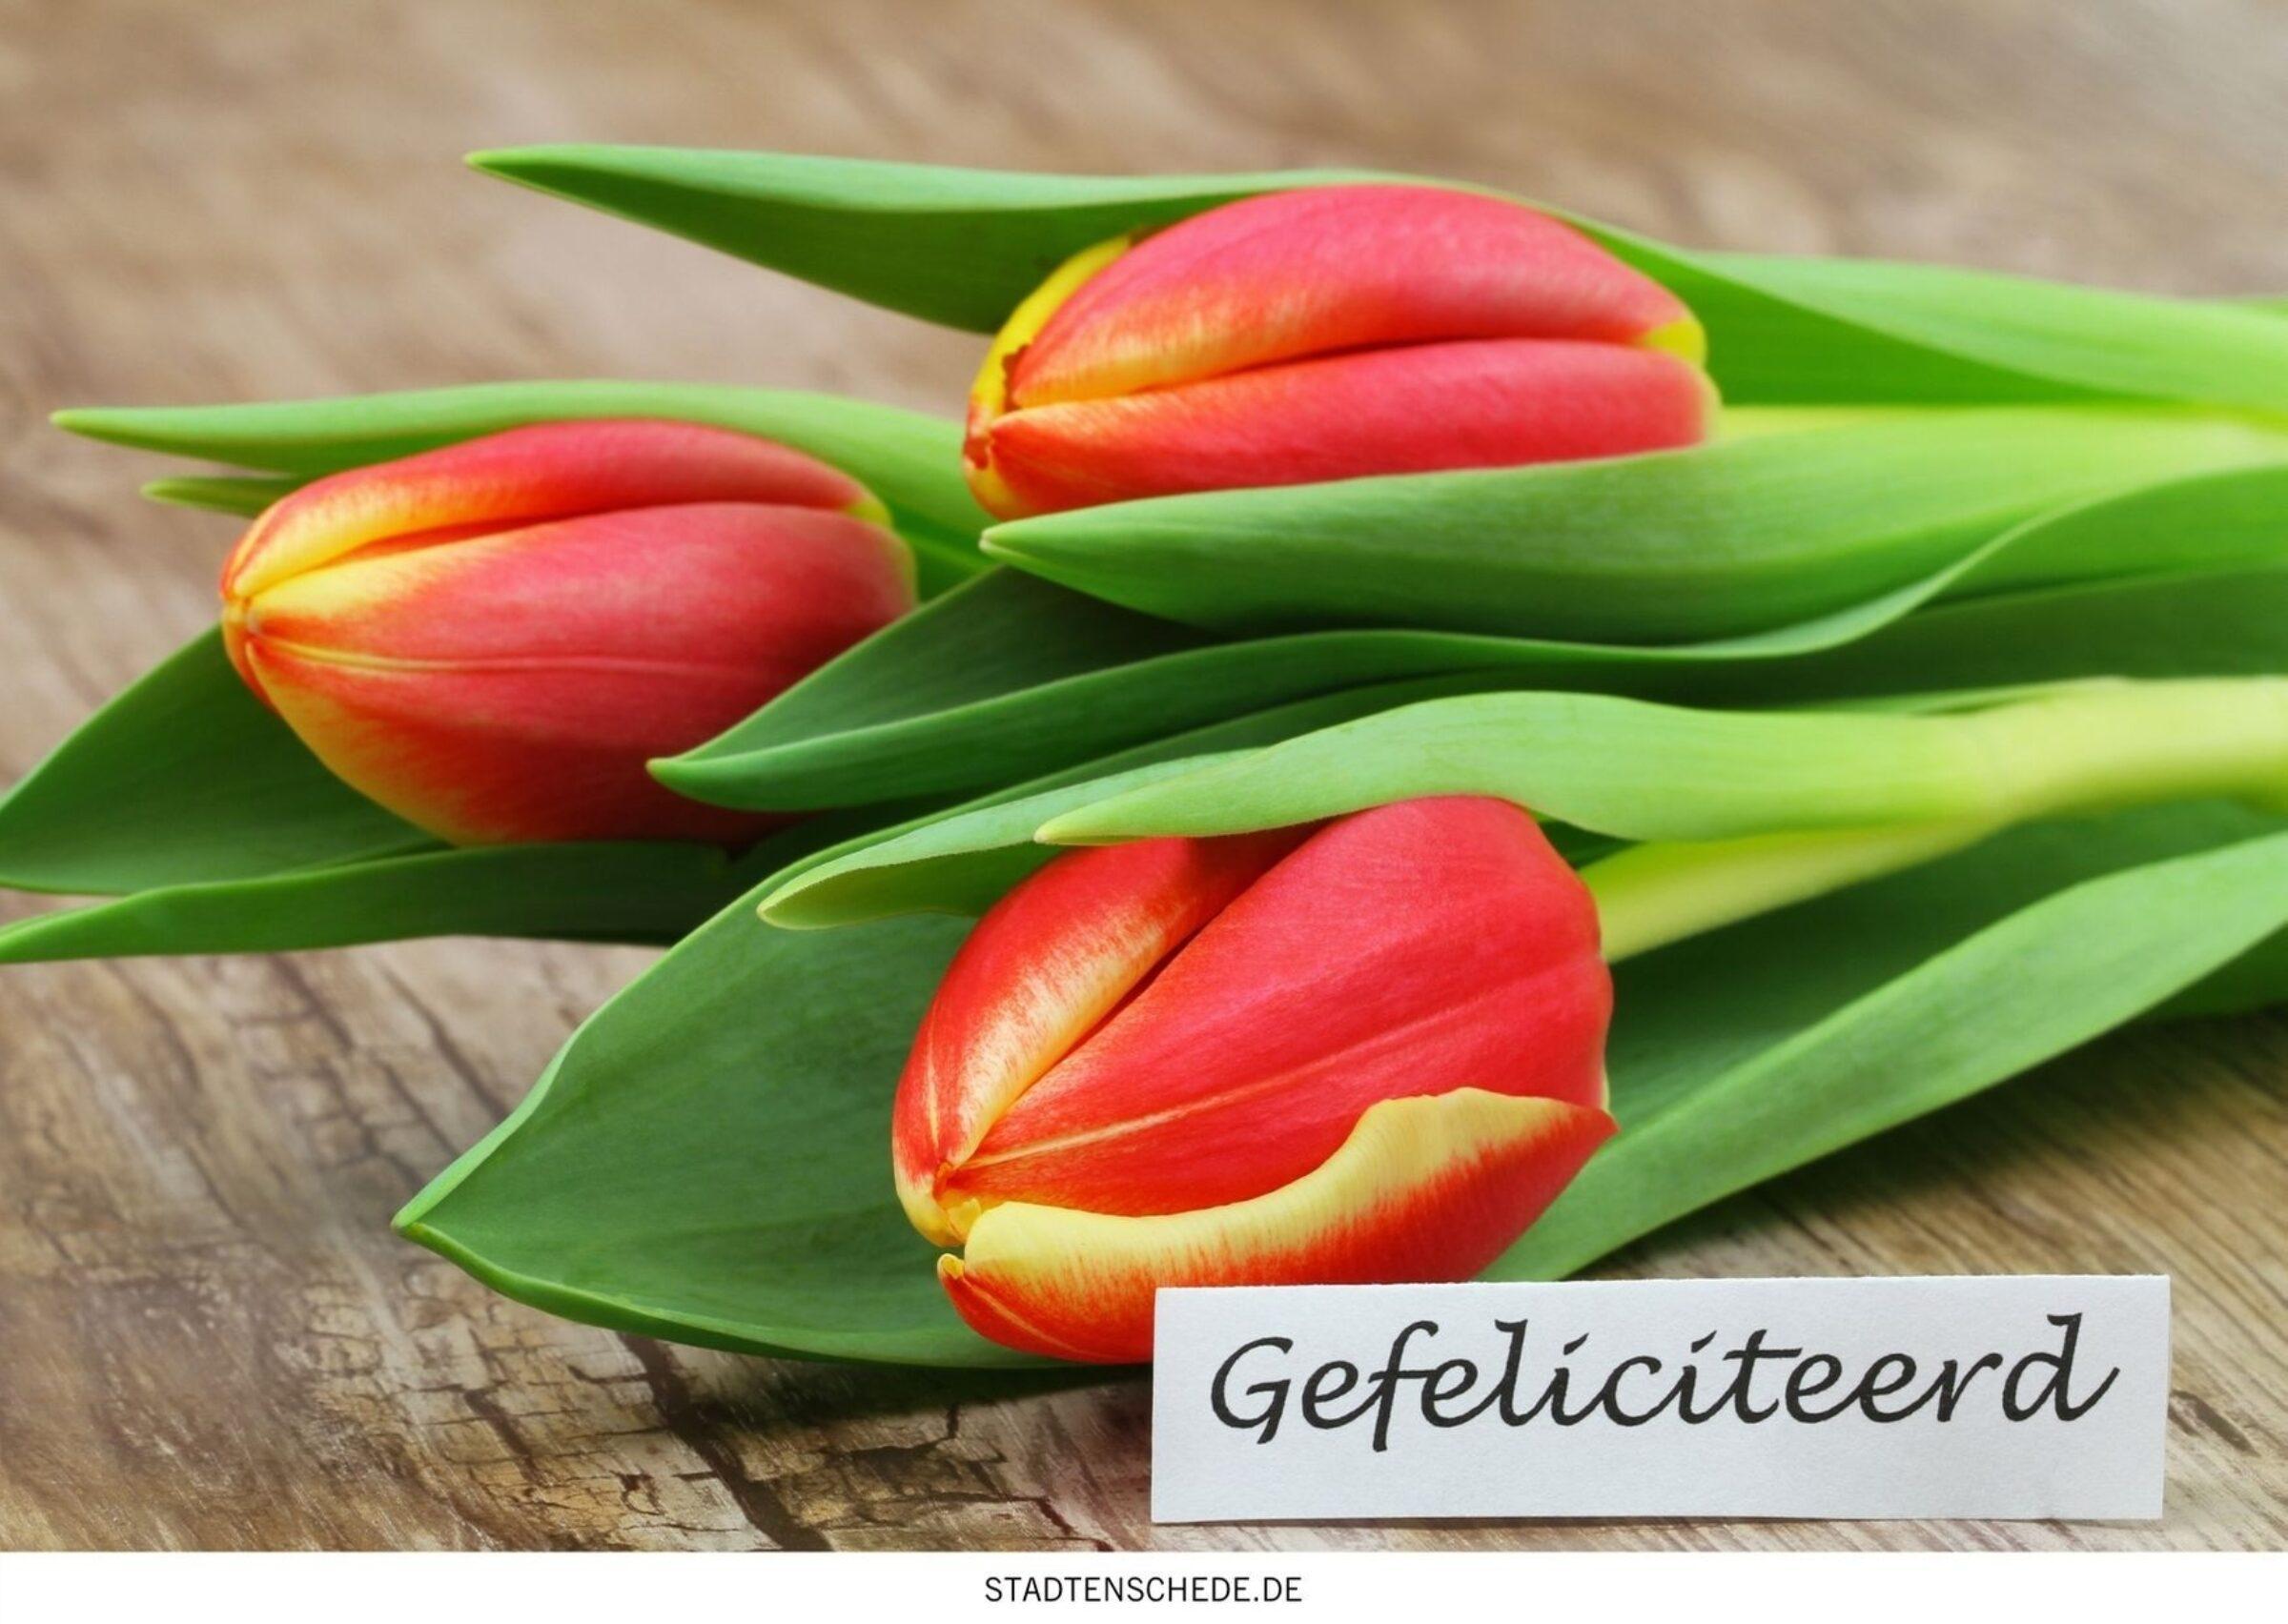 herzlichen glückwunsch auf niederländisch